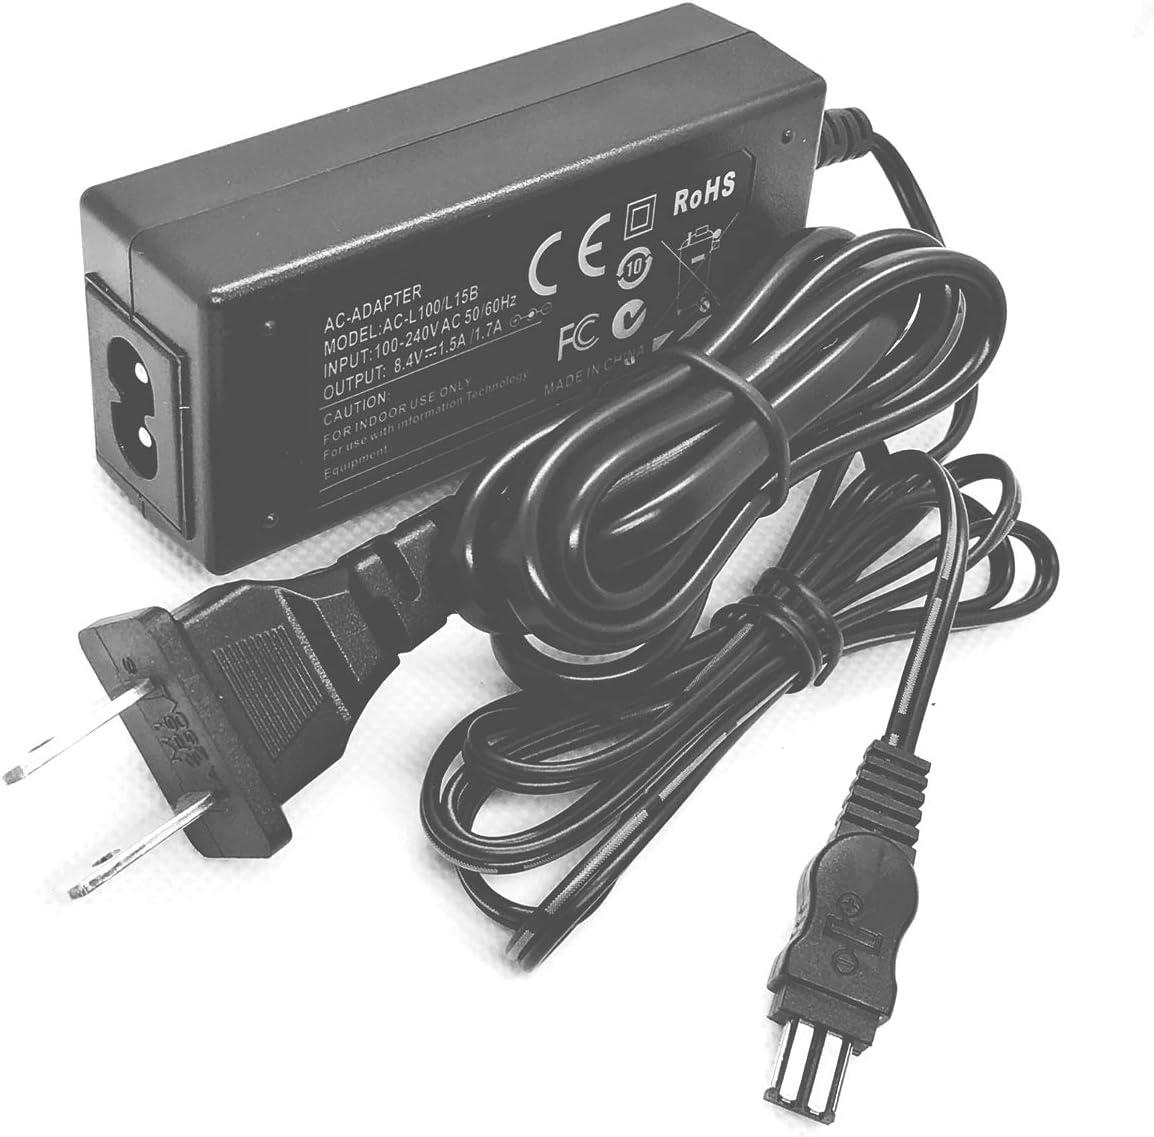 DCR-TRV140E Handycam Camcorder AC Power Adapter Charger for Sony DCR-TRV116 DCR-TRV116E DCR-TRV140